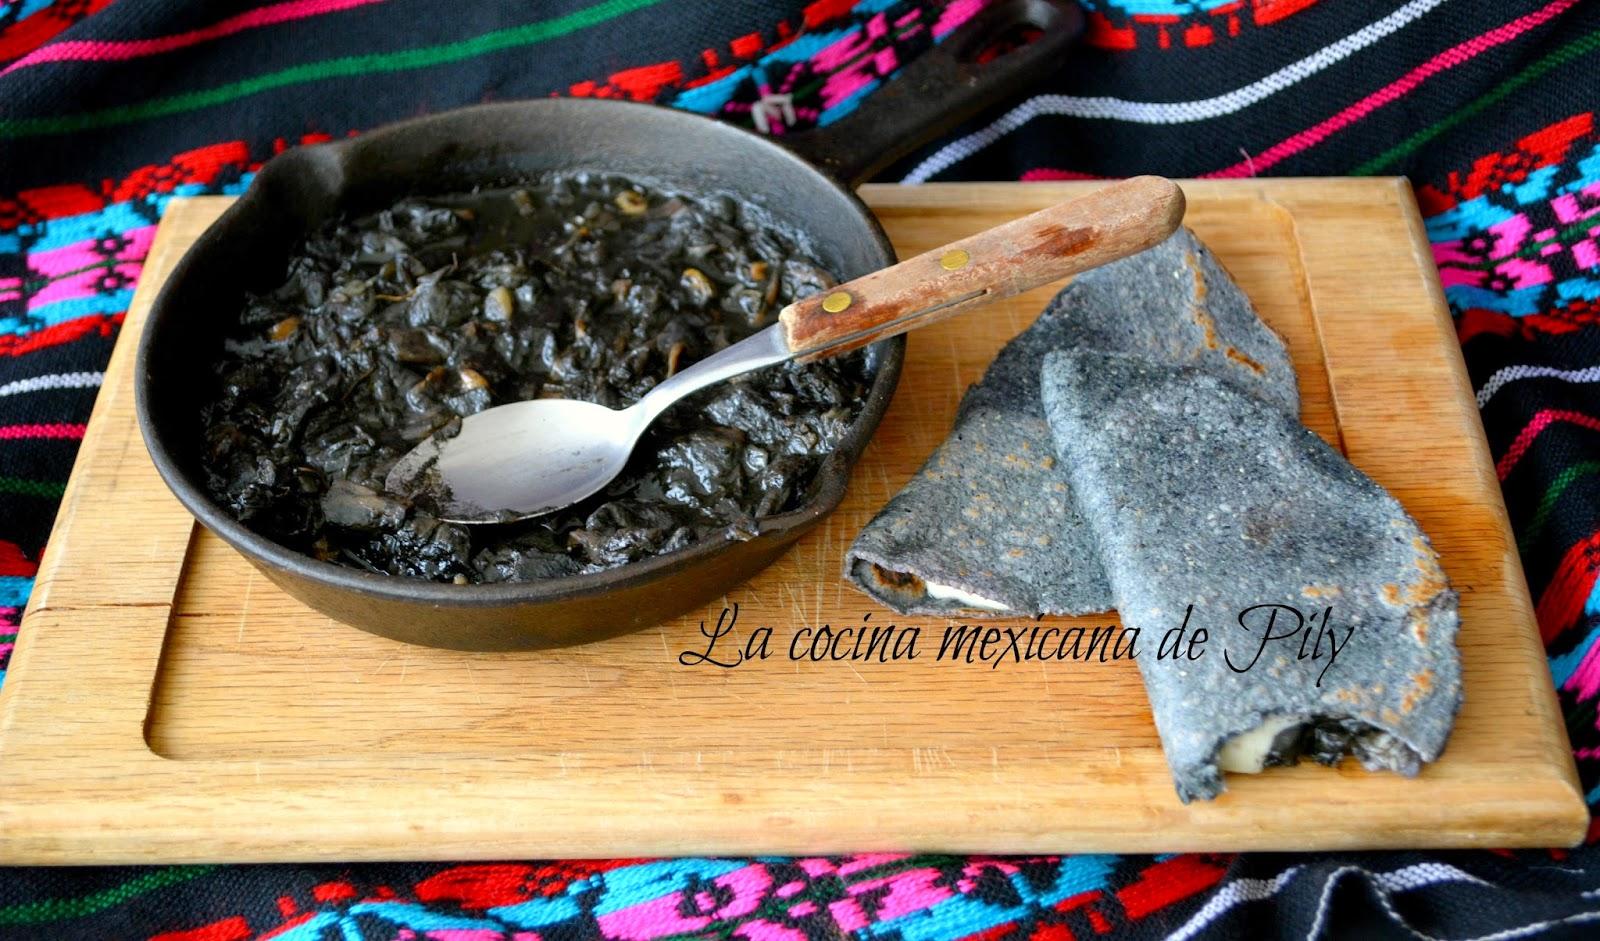 Quesadillas De Huitlacoche La Cocina Mexicana De Pily